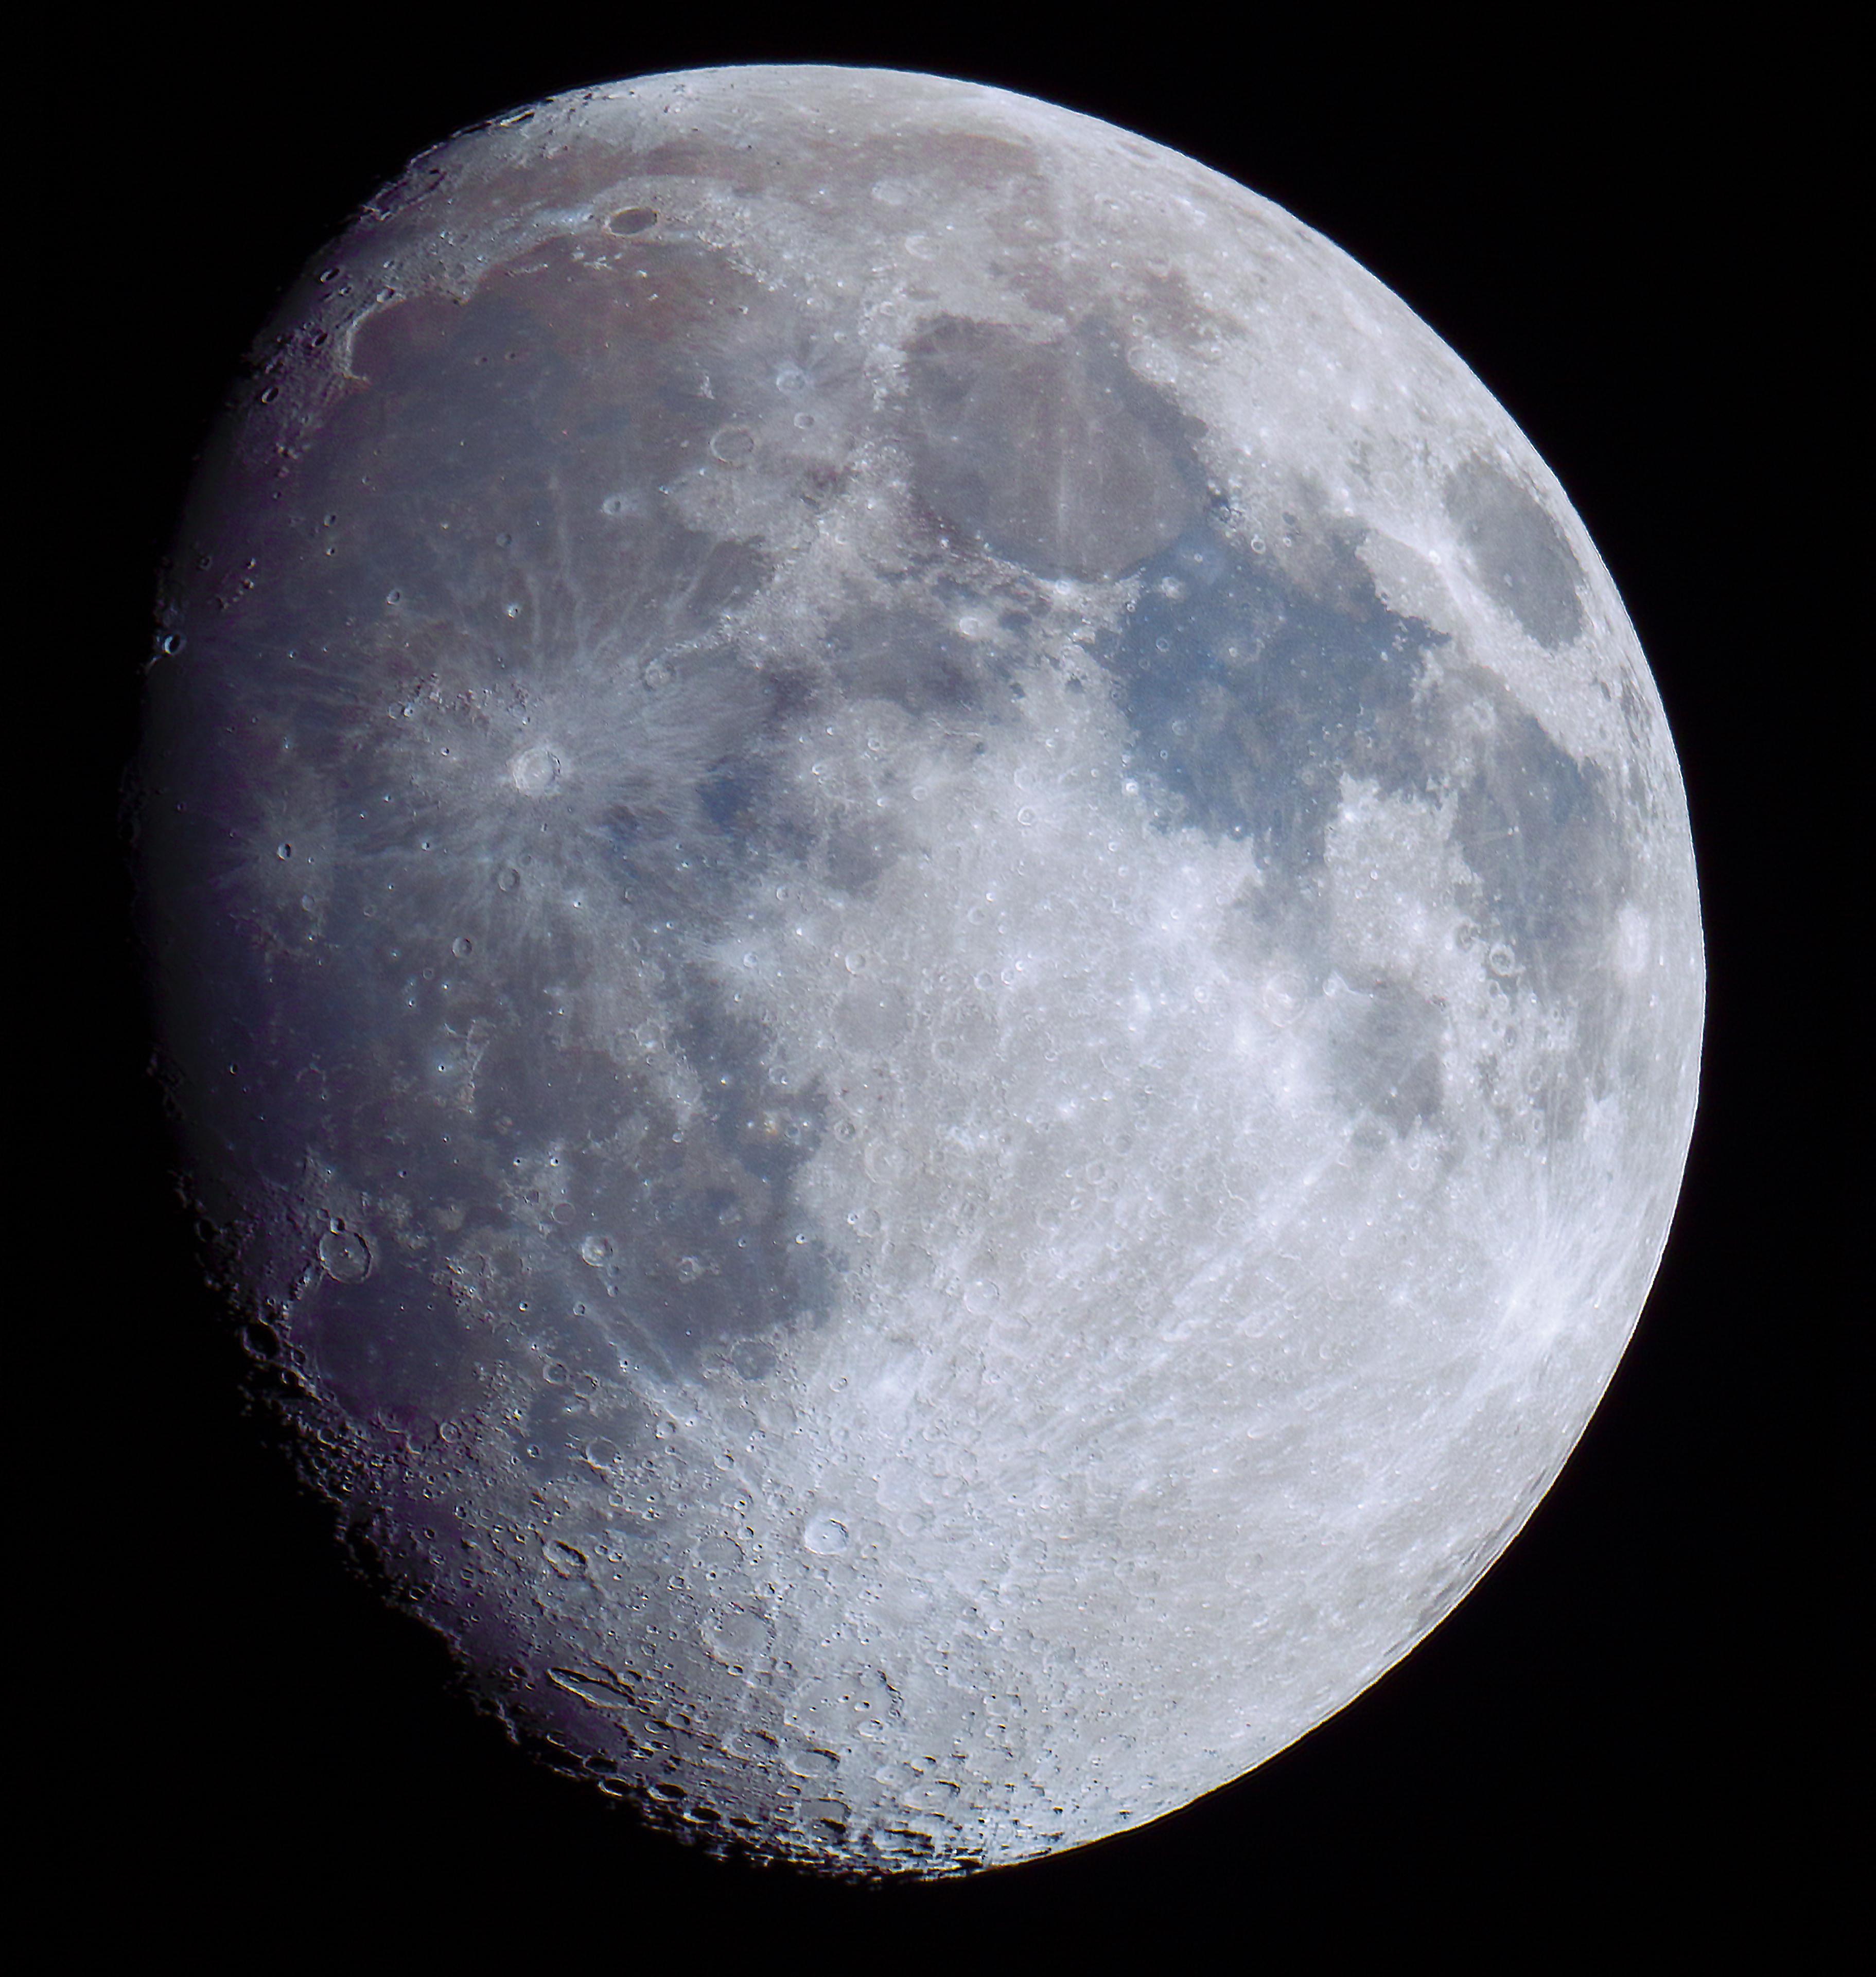 moon-23-04-2021-mineral.jpg.66224d4fd30b